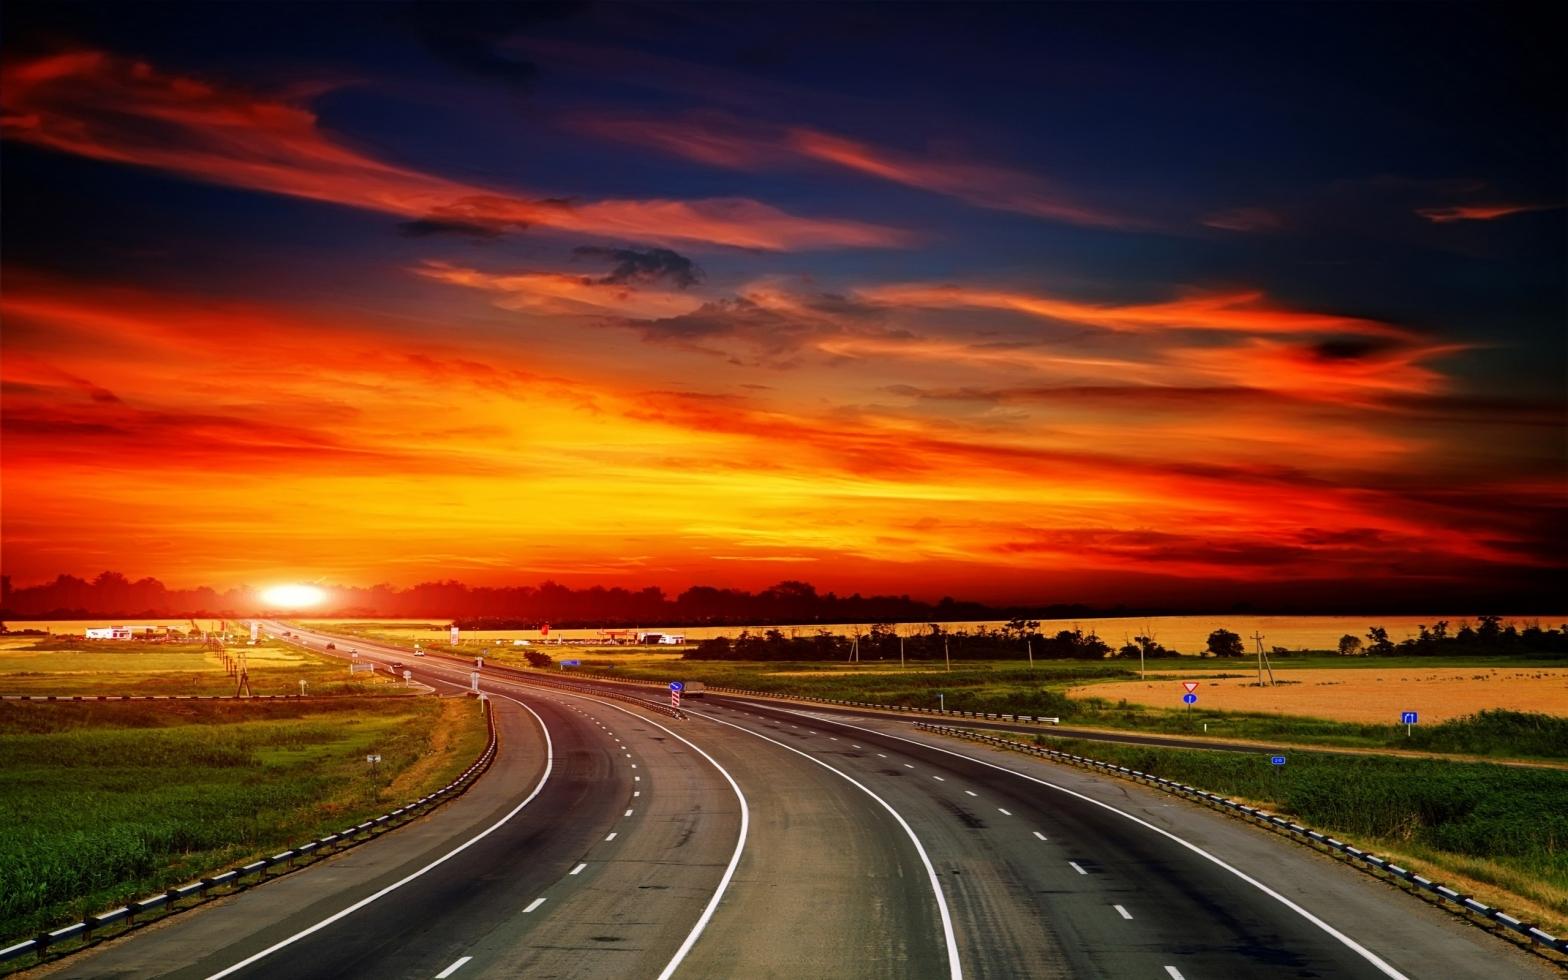 Yol ile ilgili anlamlı ve güzel sözler